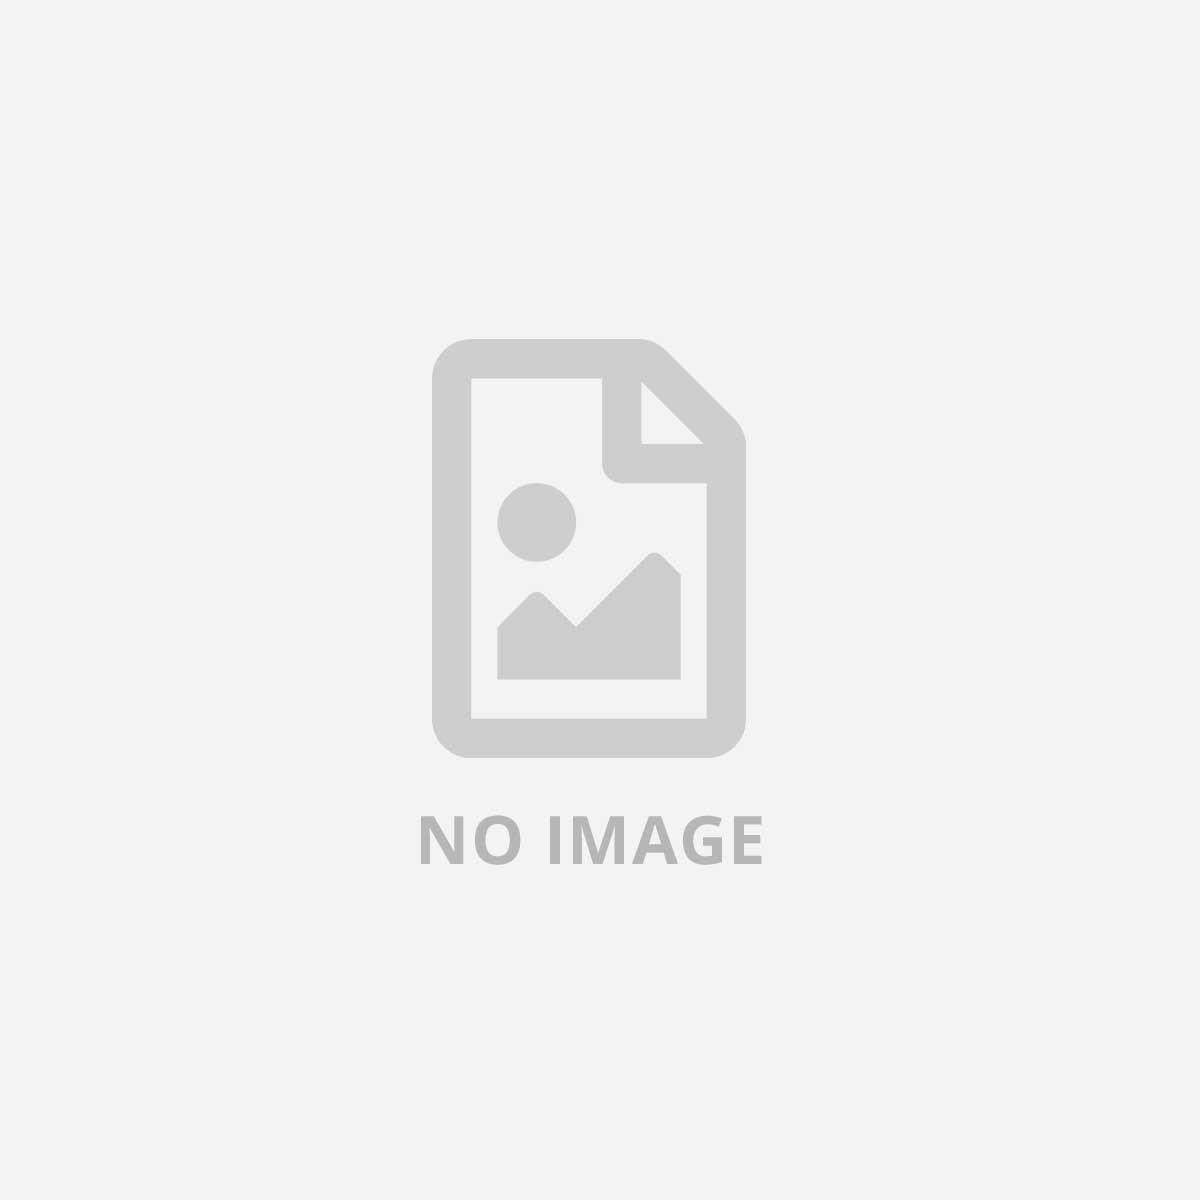 CANON I-SENSYS LBP 6030 BLACK